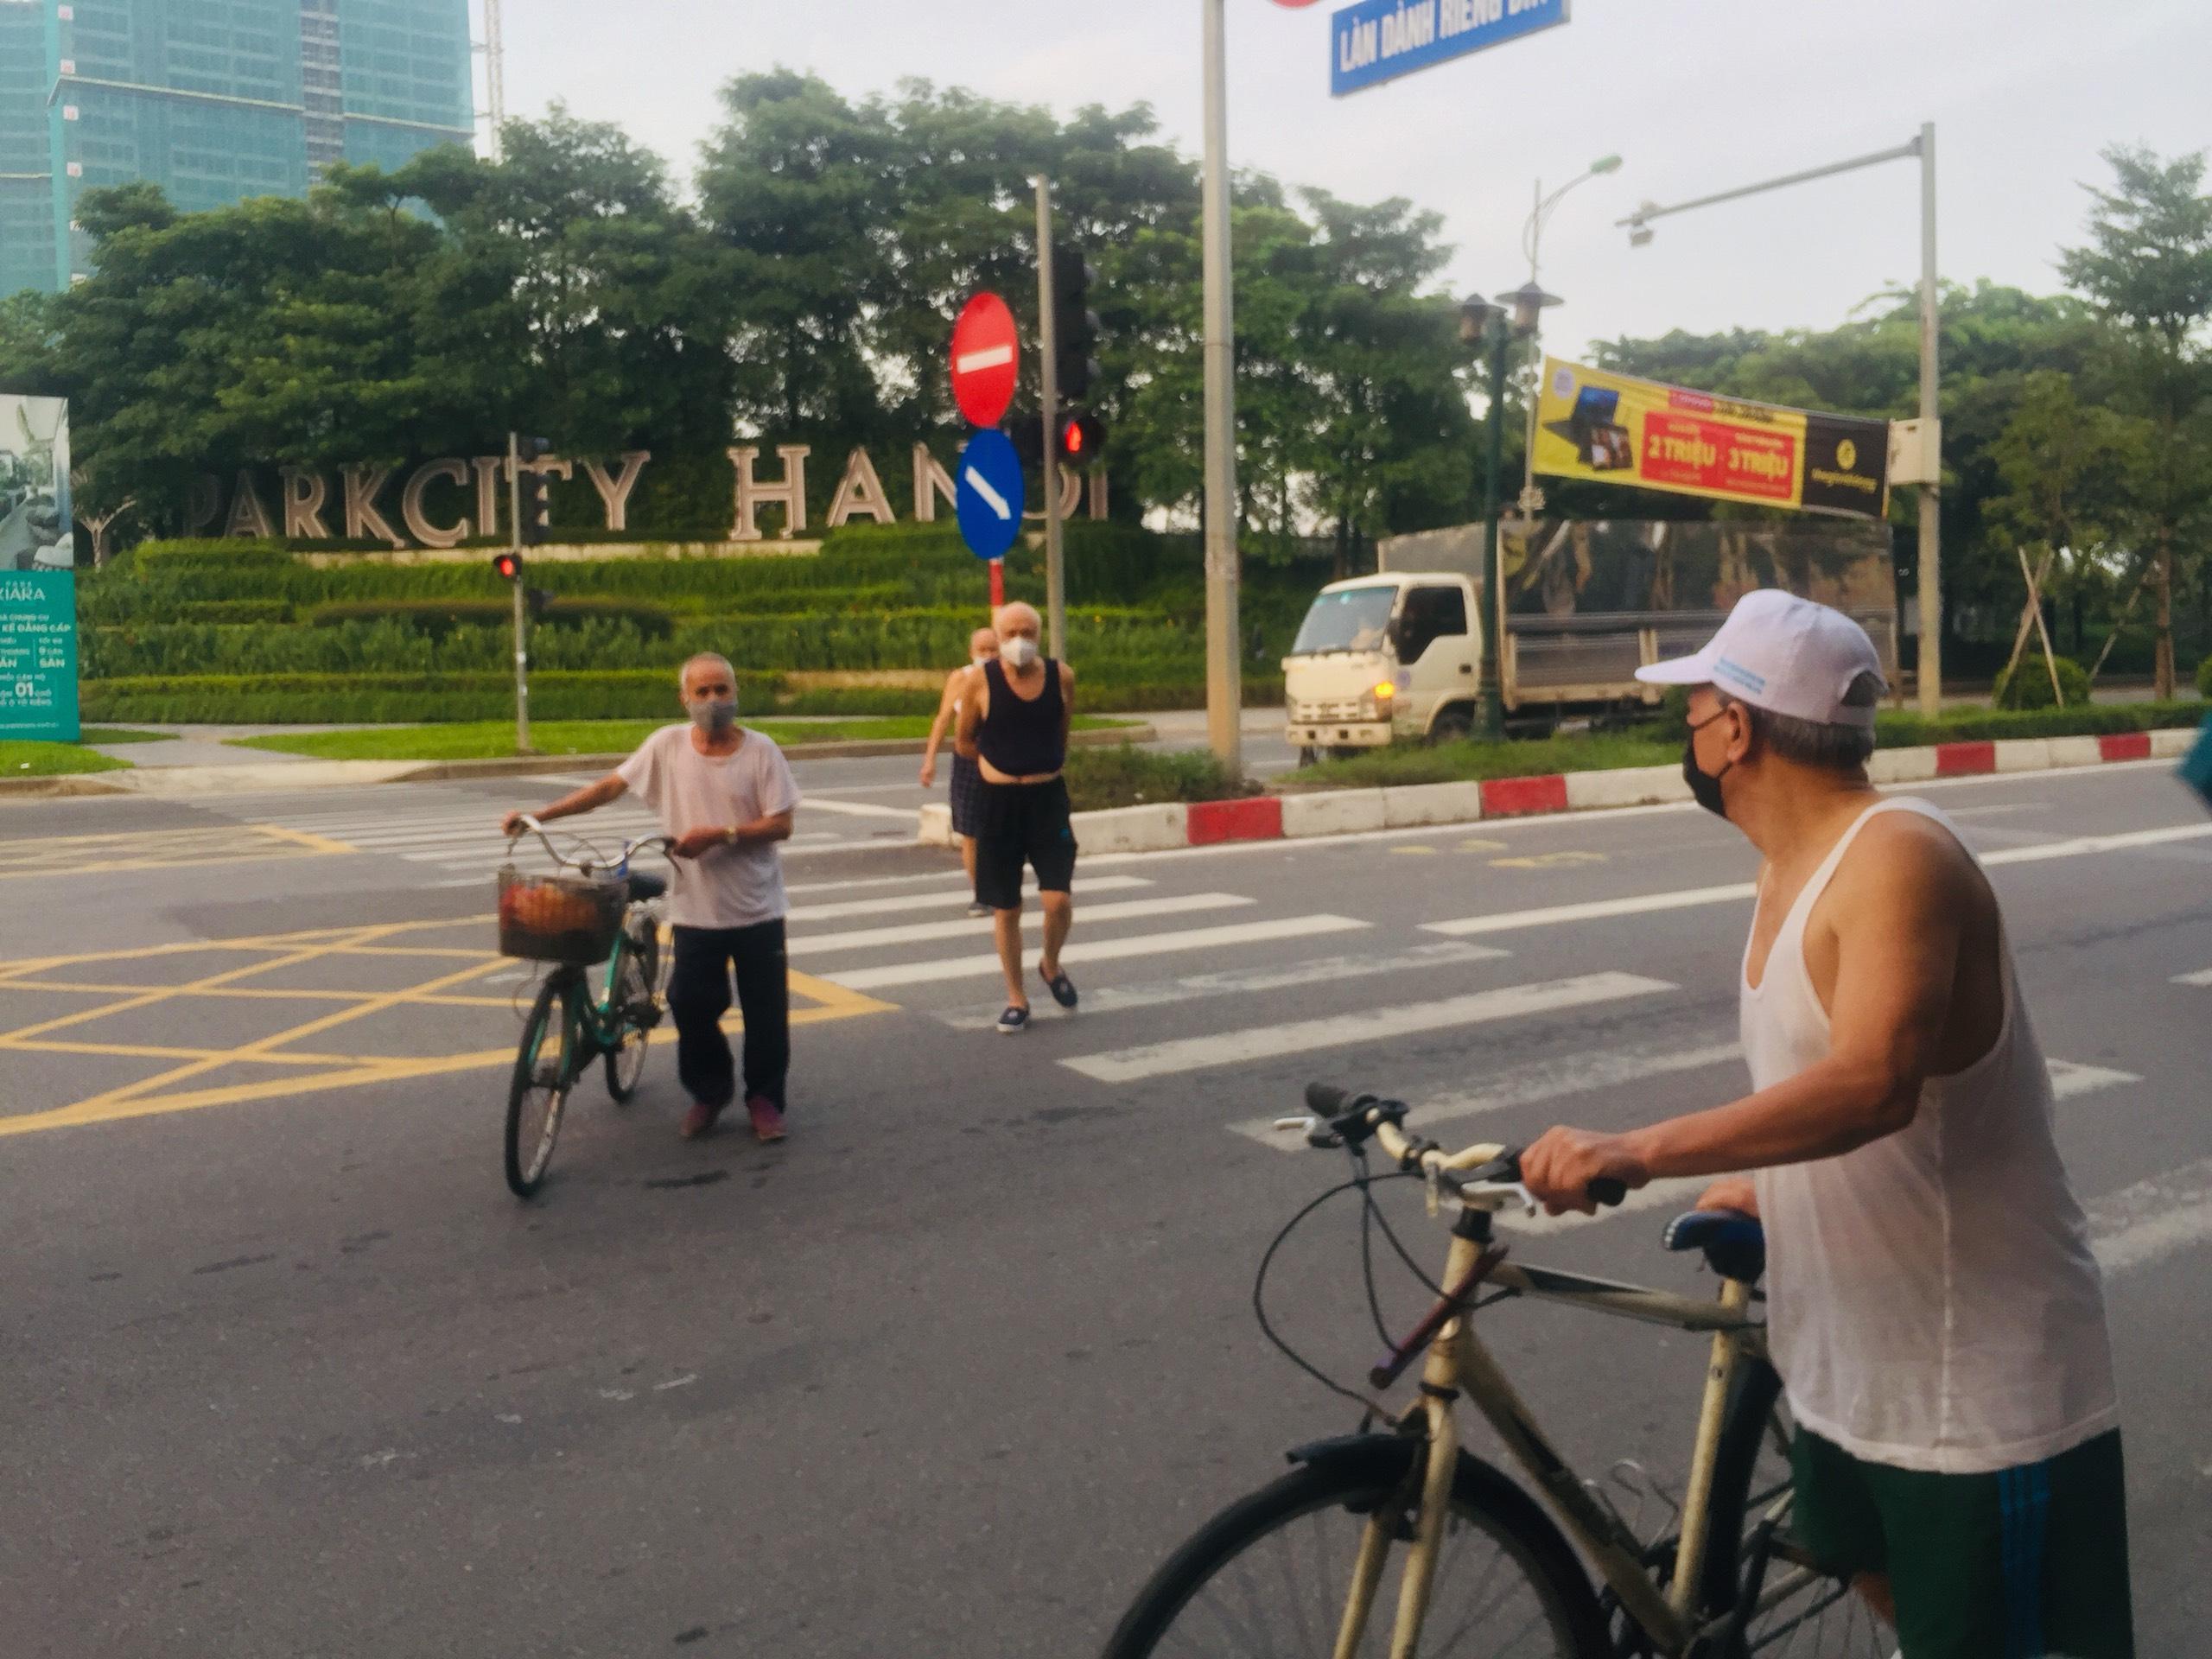 Trong sáng 28/6, tại khu vực Parkcity Hà Nội cơ bản người dân đều có ý thức chấp hành việc đeo khẩu trang và giãn cách khi tập thể dục.